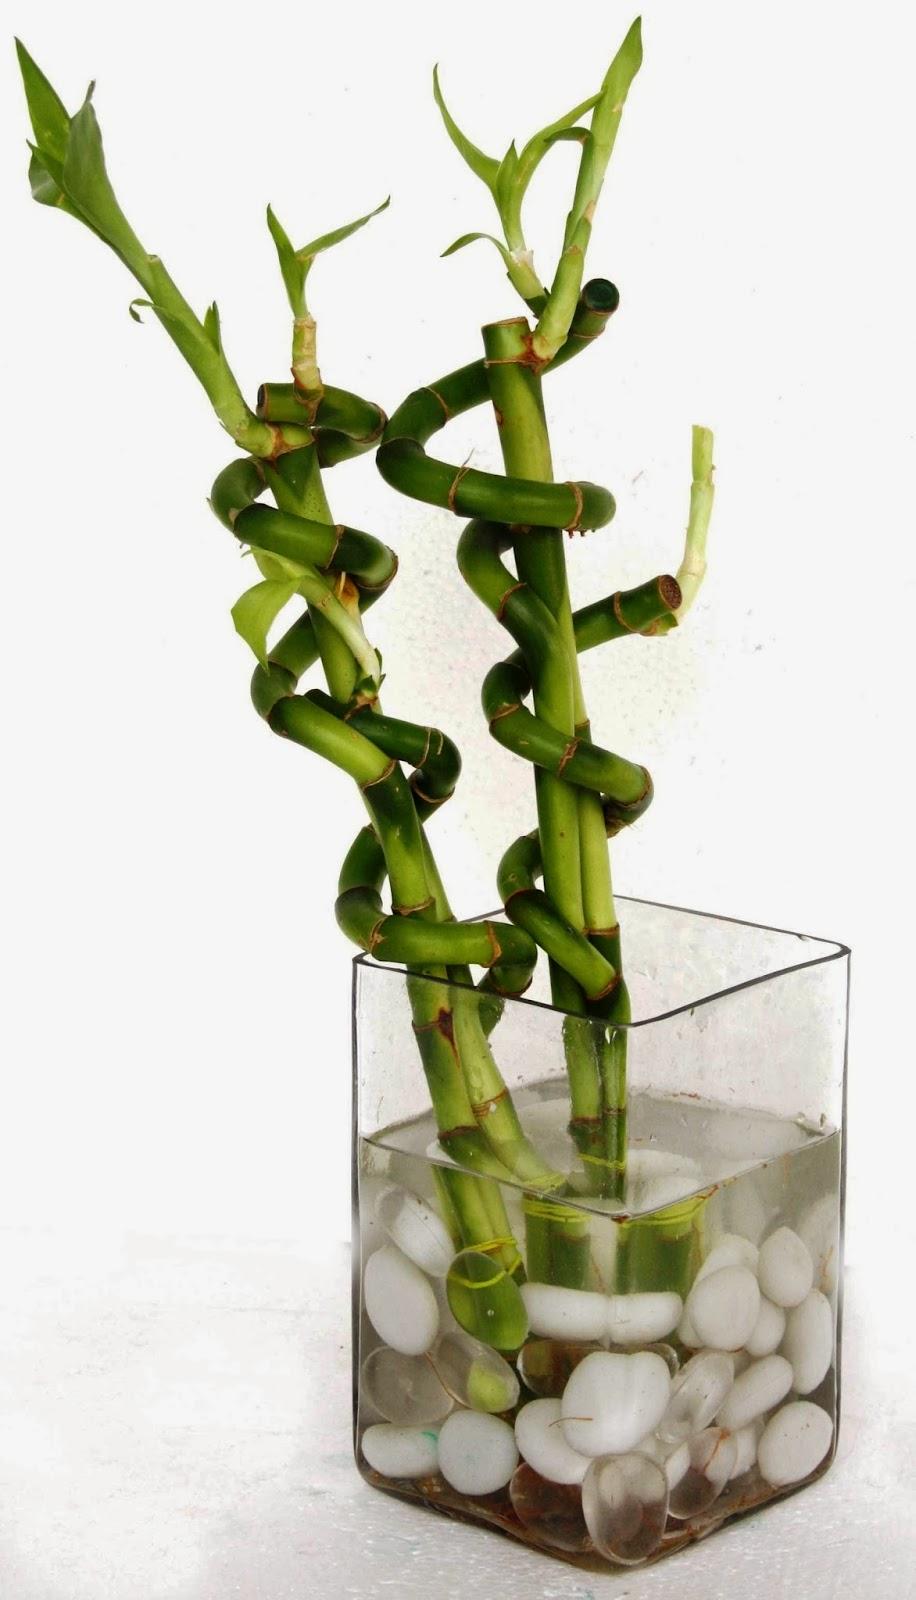 Драцена уход в домашних условиях фото бамбука